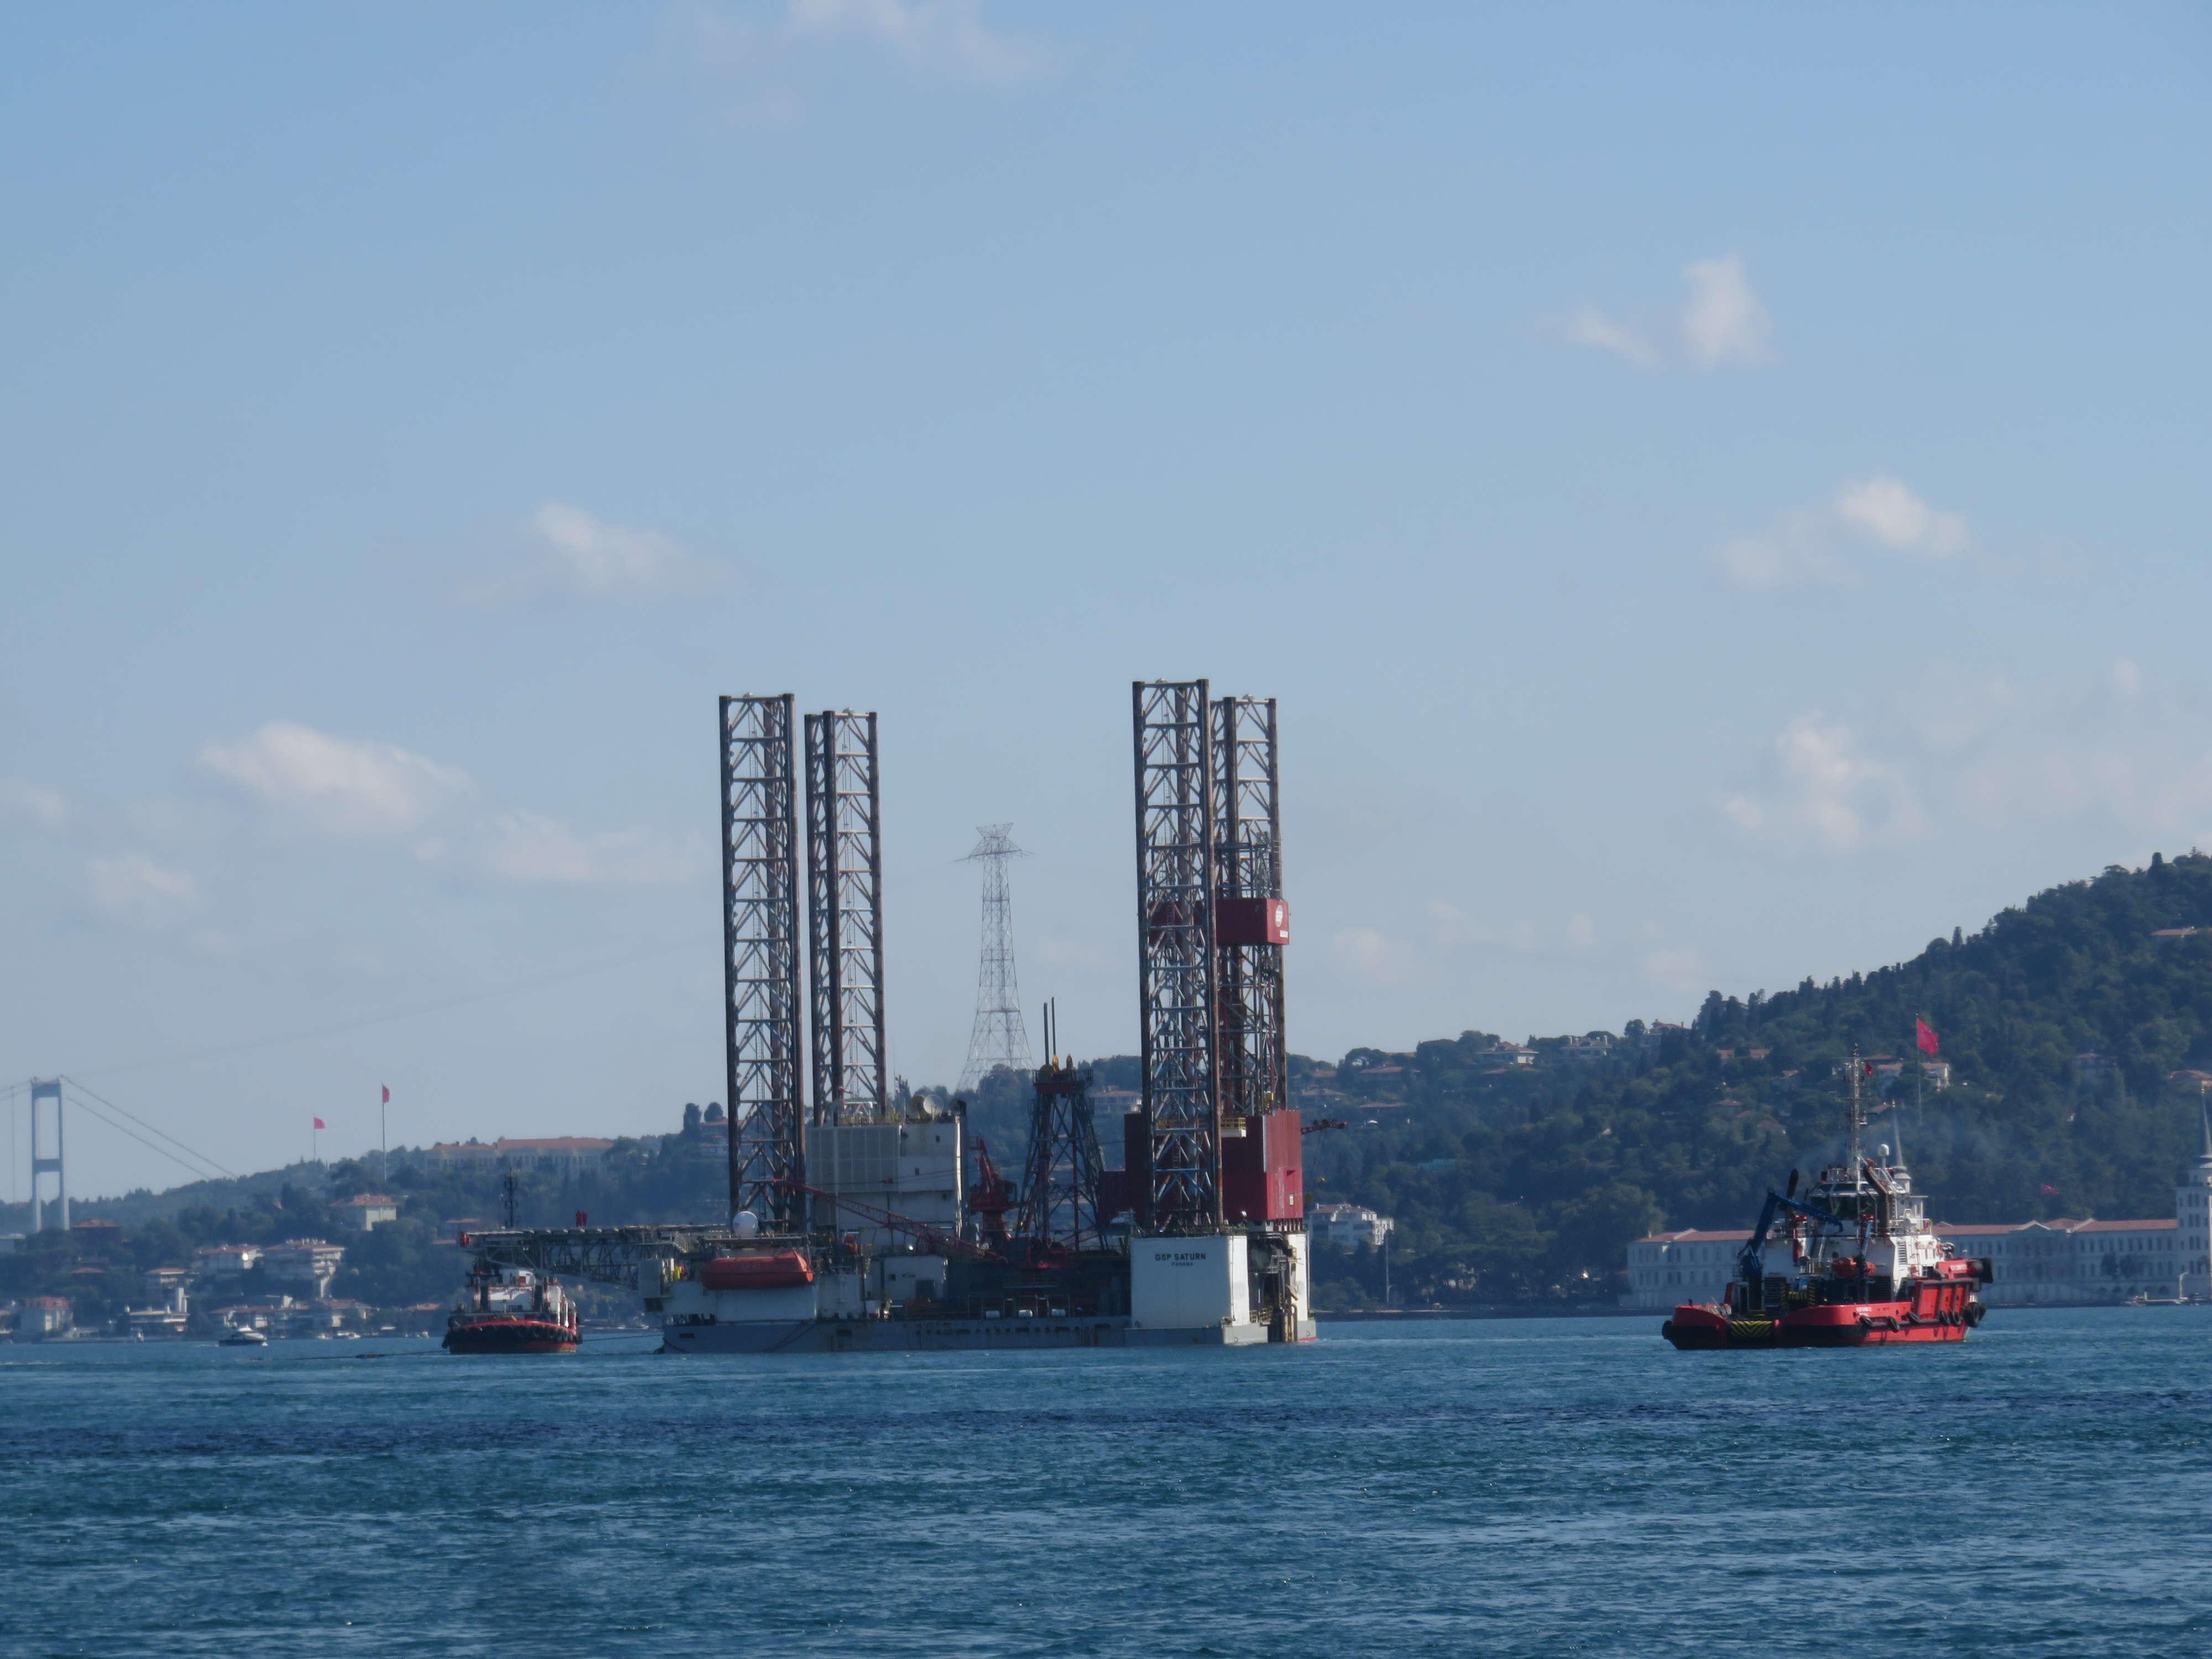 dev-petrol-platformu-istanbul-bogazindan-geciyor-1-5711-dhaphoto6.jpg